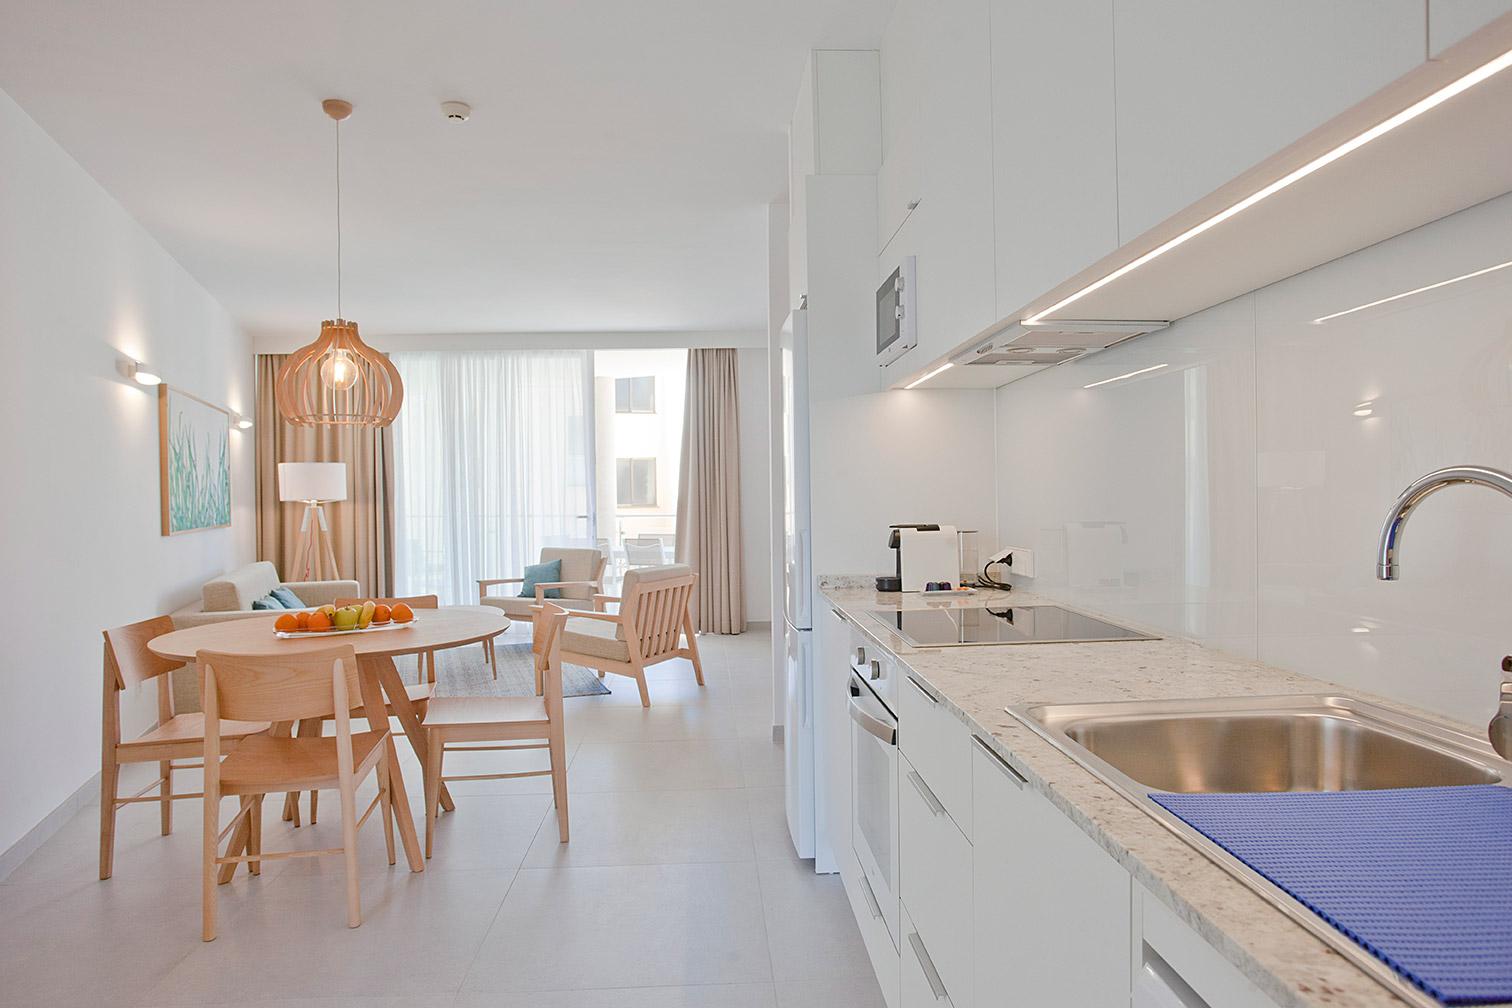 Cocina con comer y sala de estar en el fondo